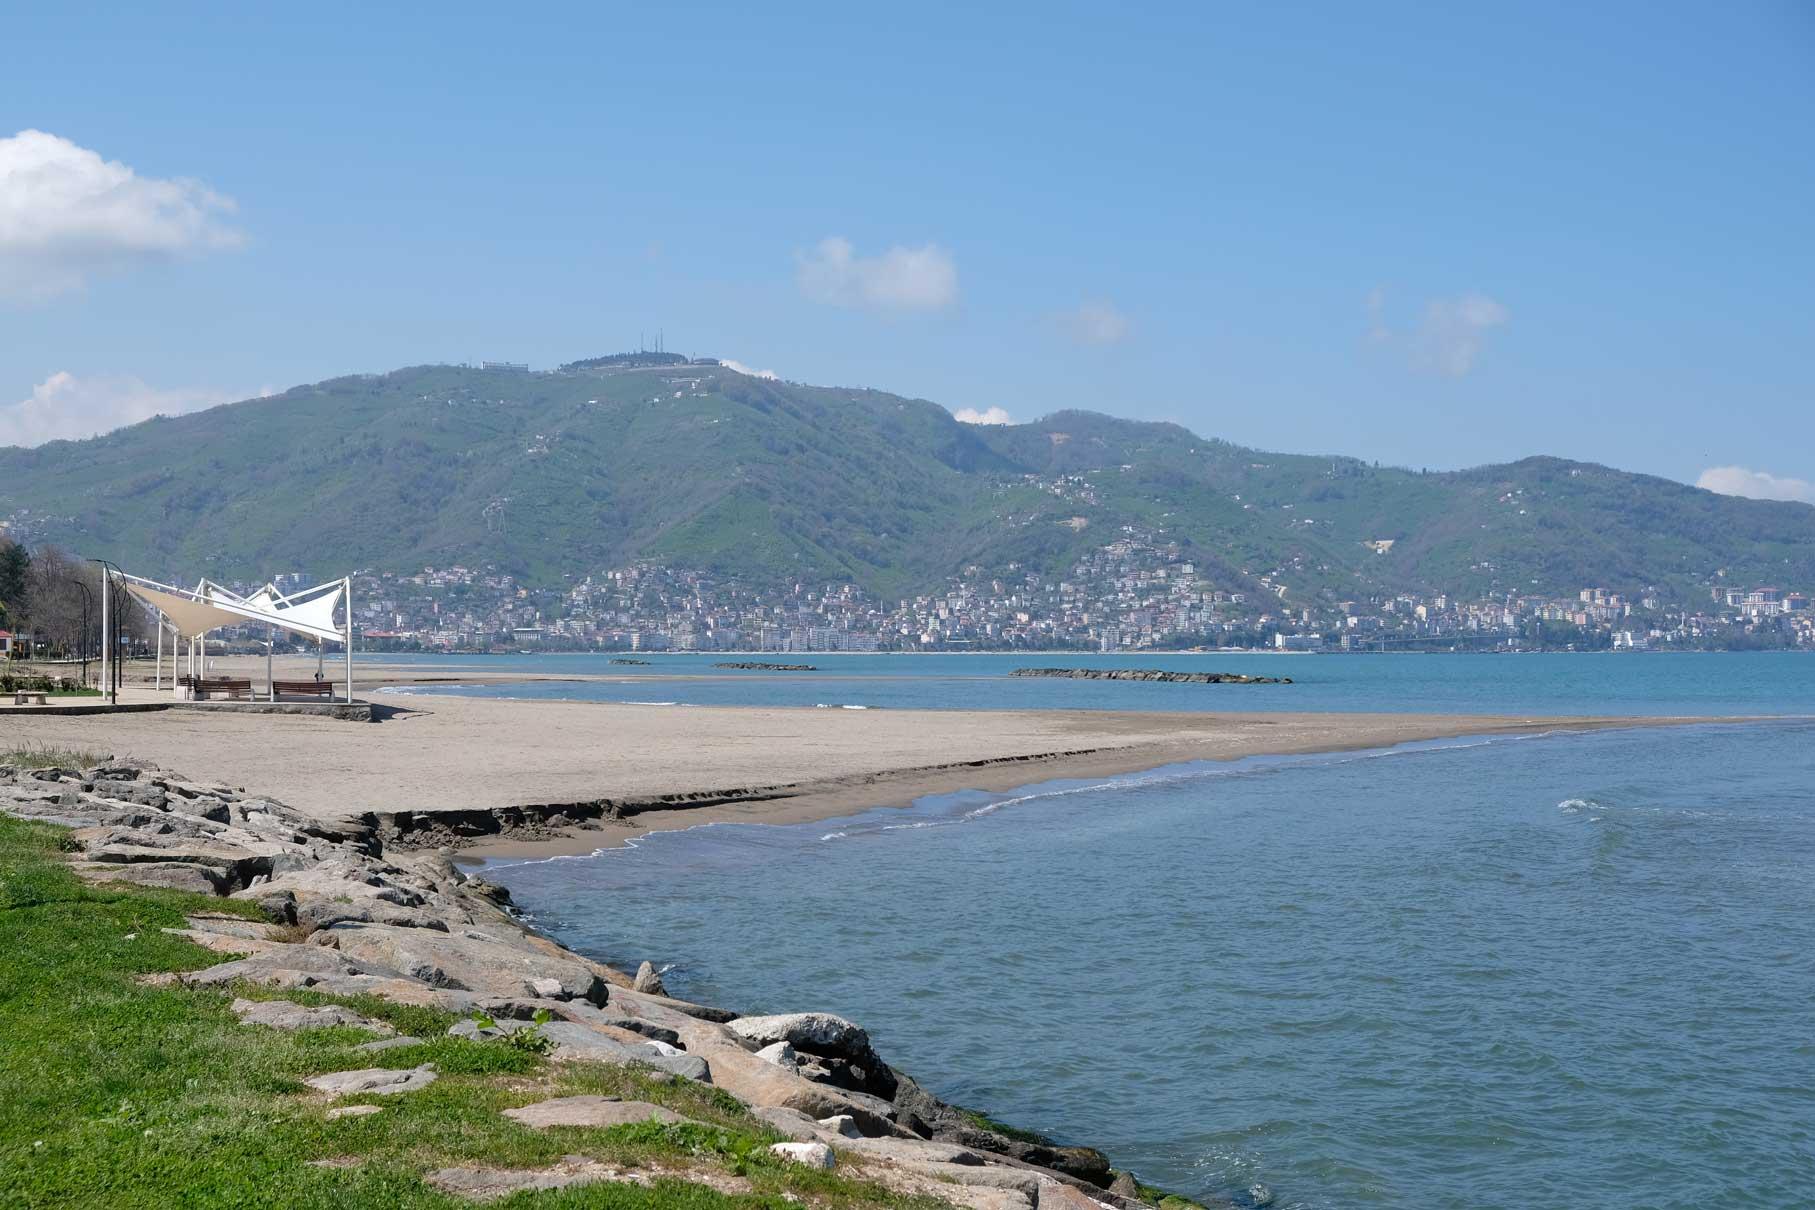 Unser Quartier liegt direkt an Ordus Strandpromenade, von der aus man auf den Berg Boztepe blicken kann